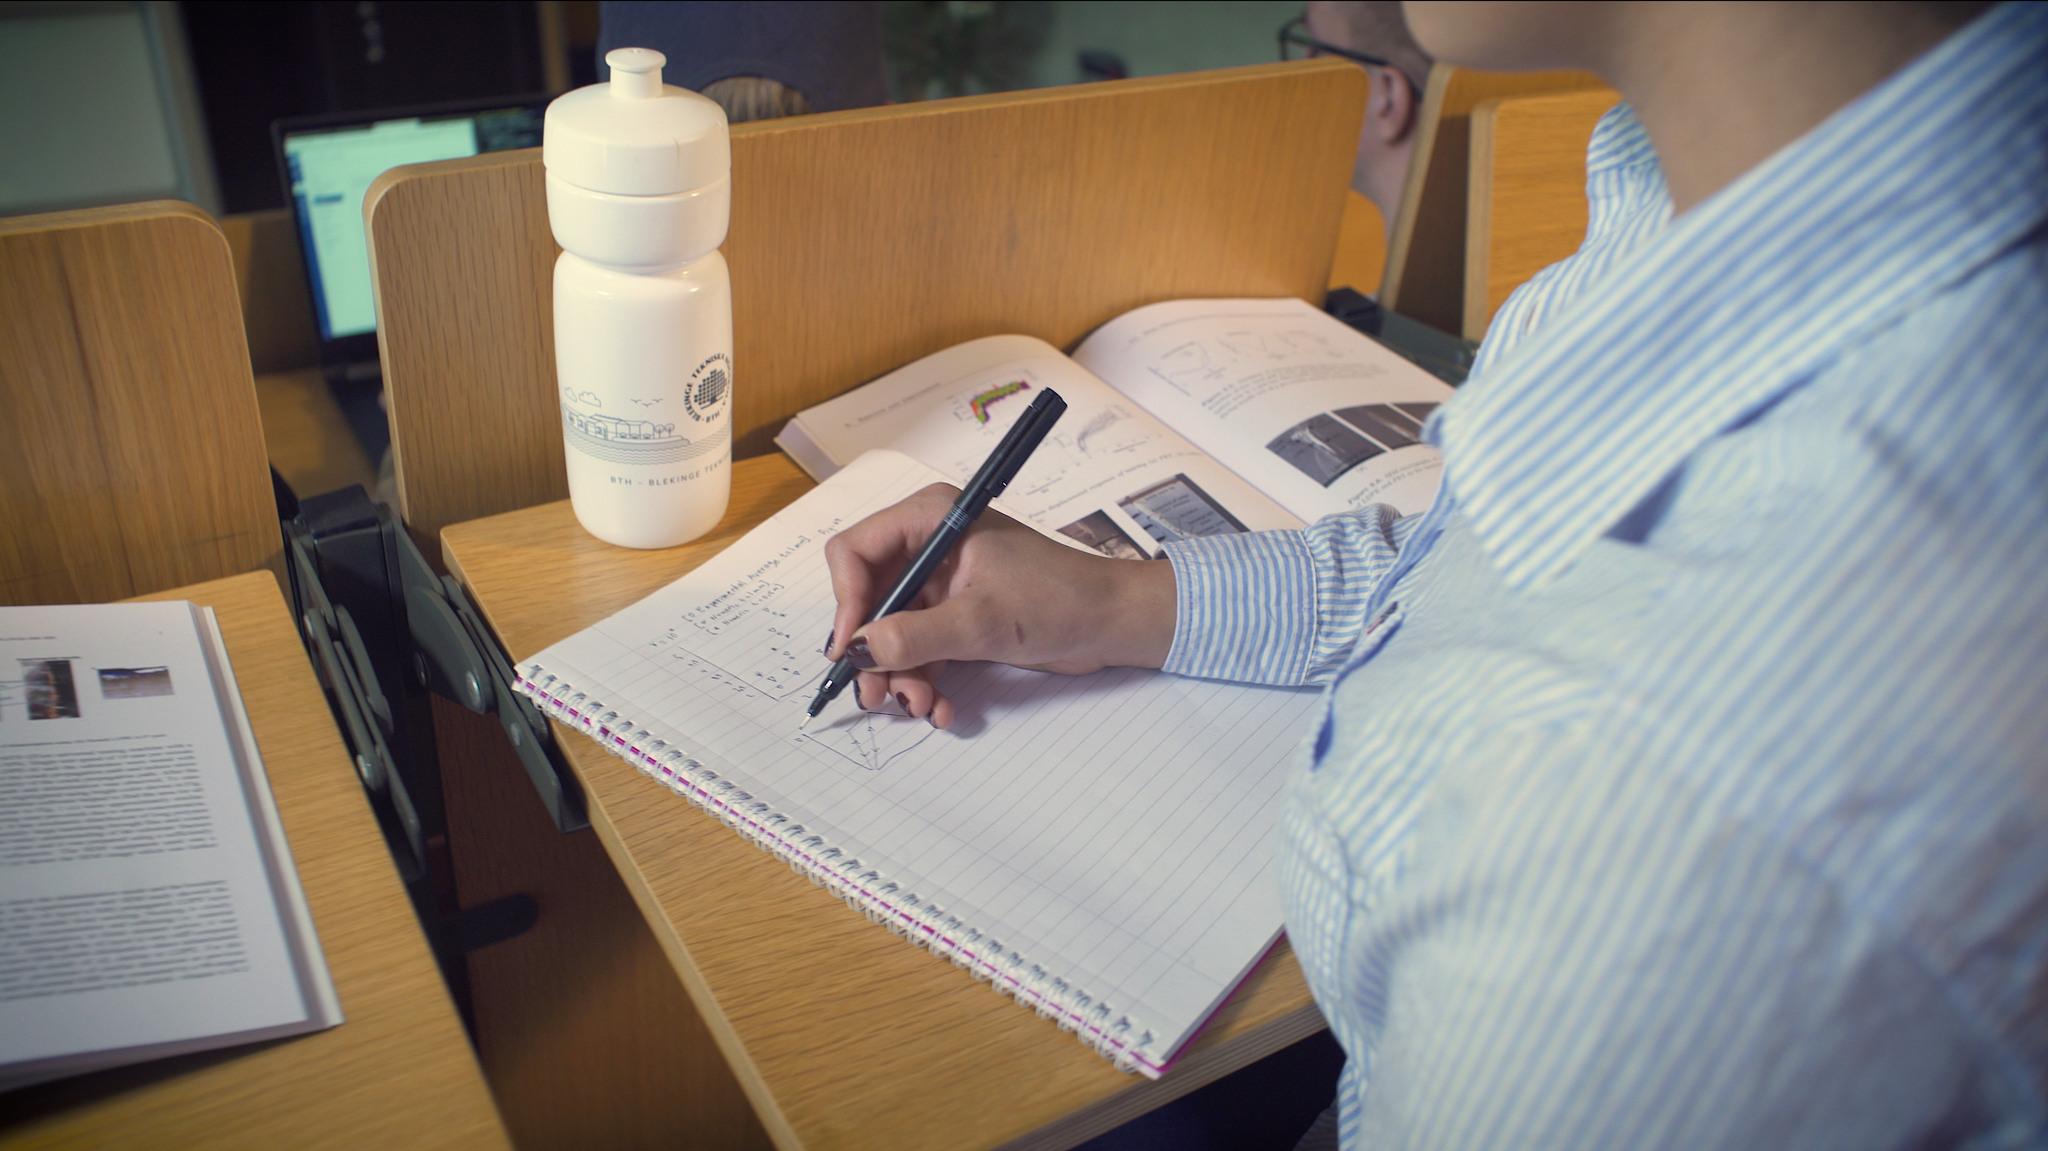 Kvinna sitter med penna och papper på en föreläsning